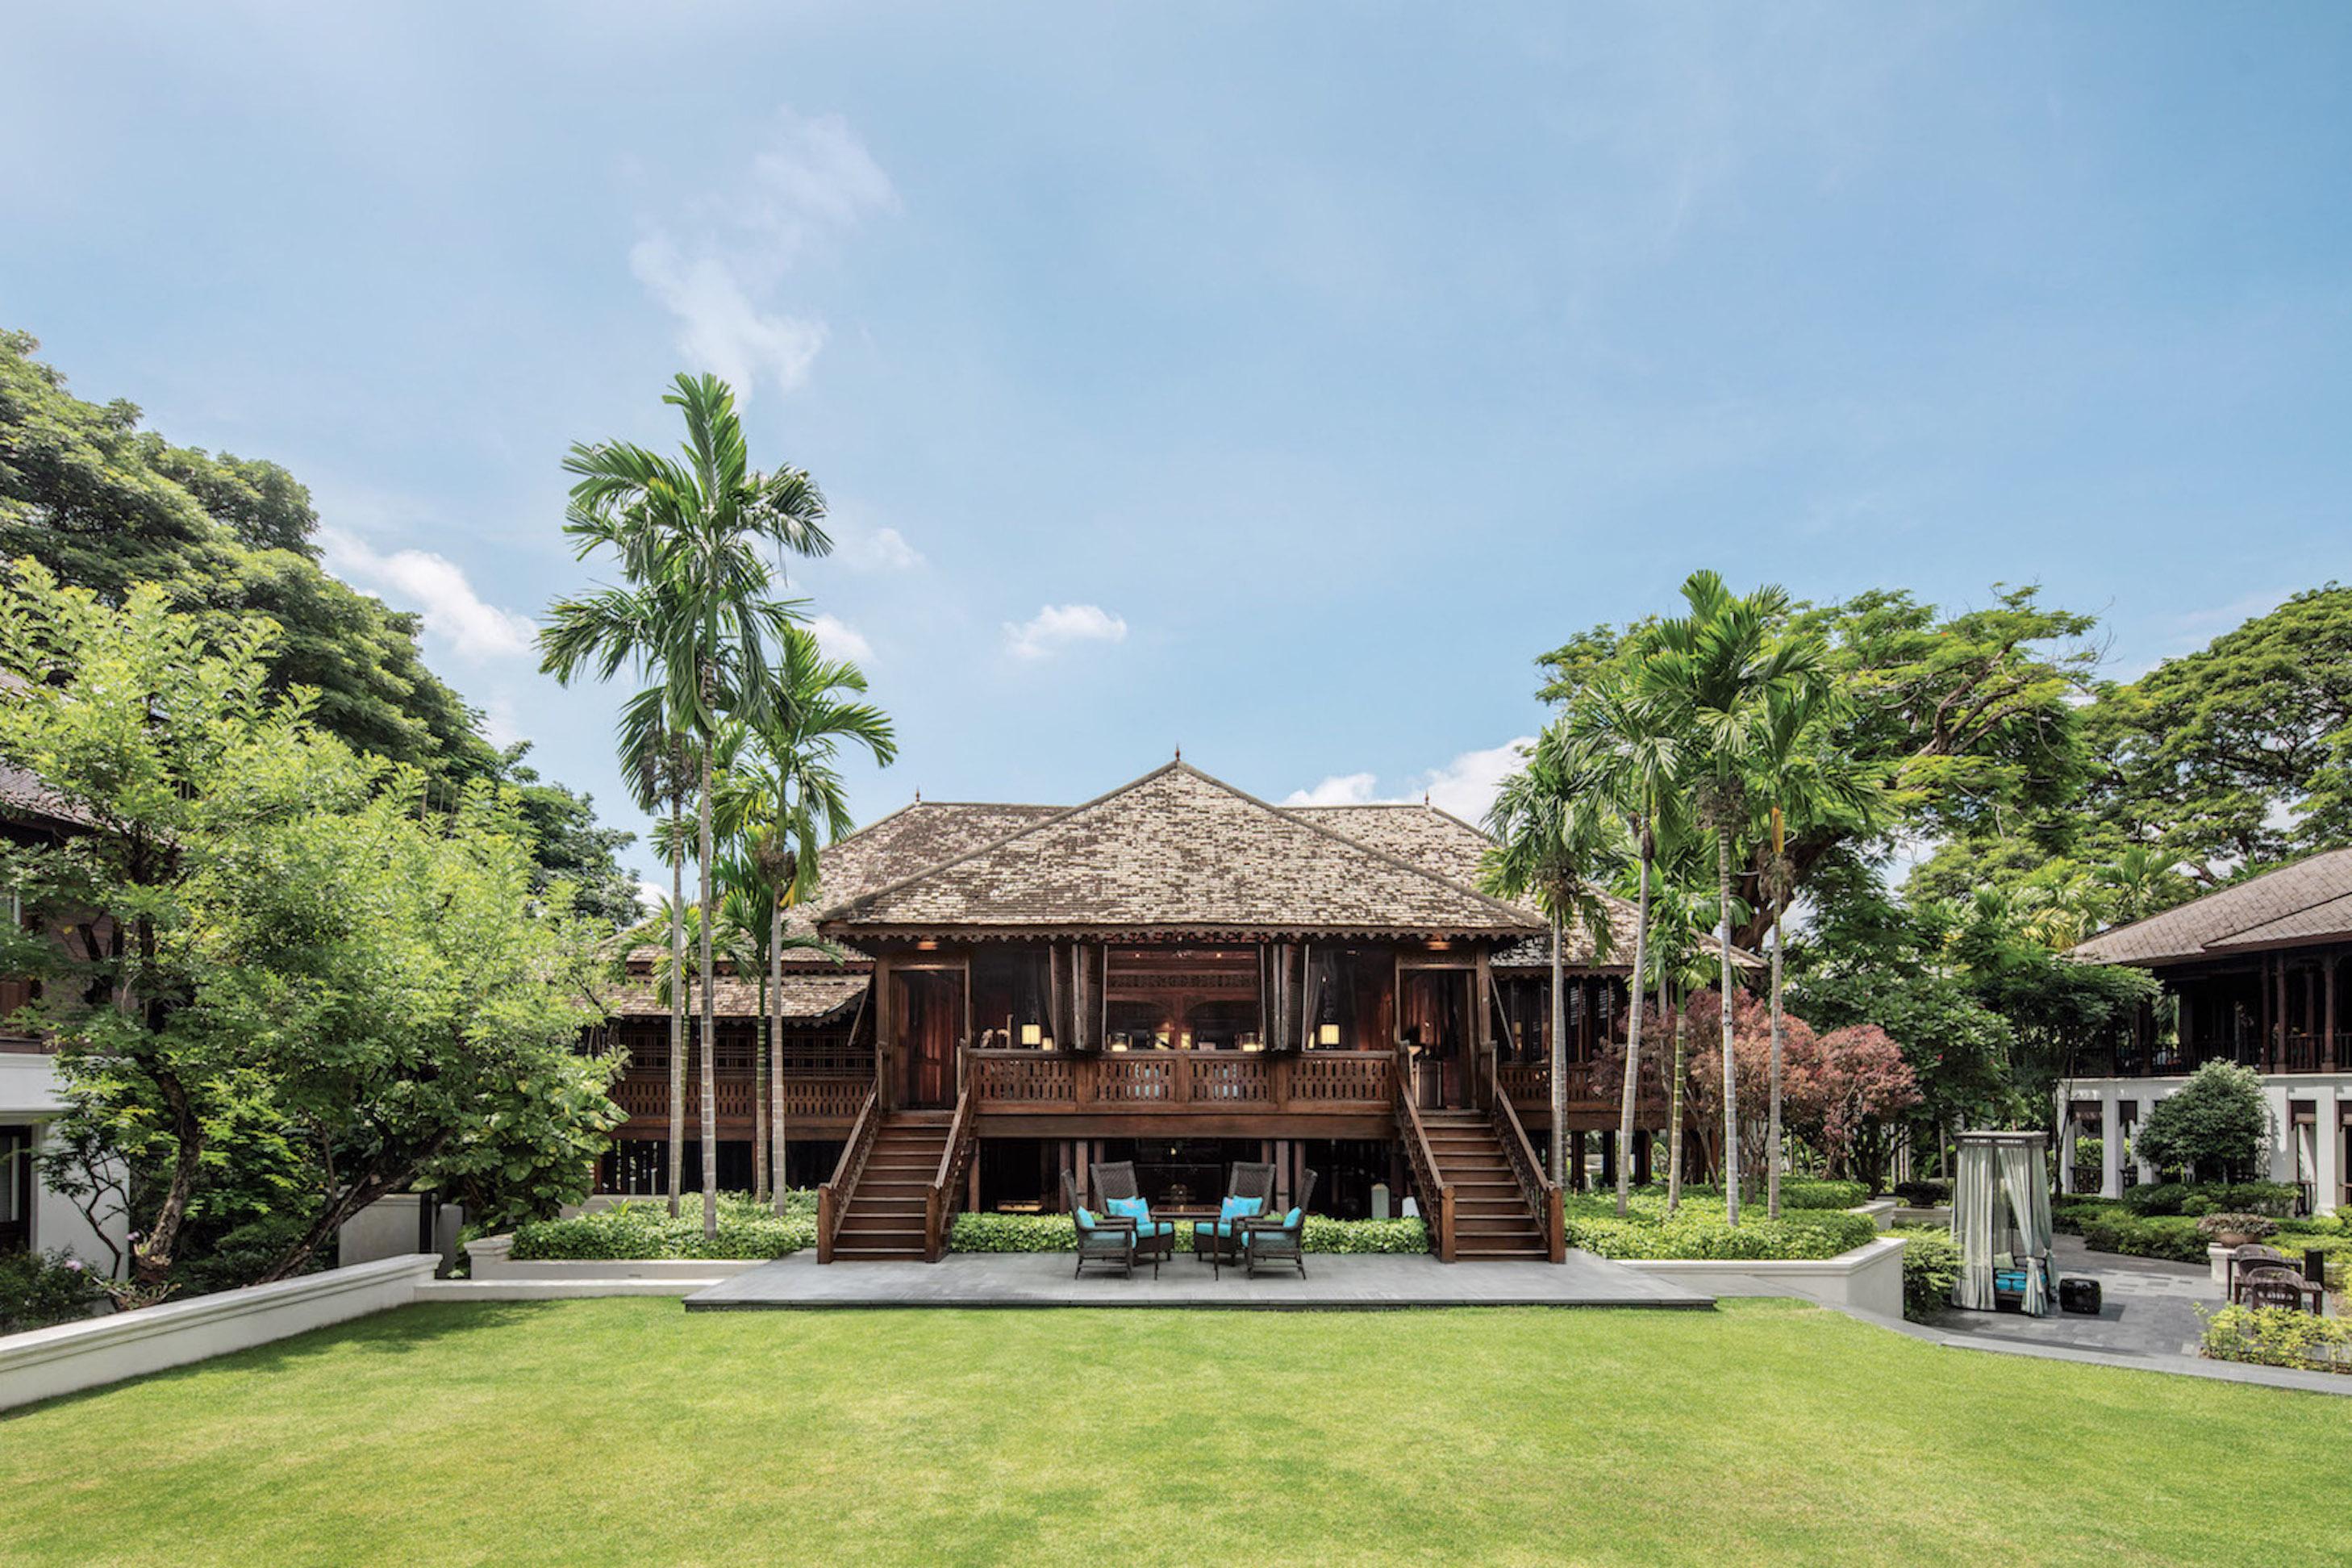 137 Pillars House, Muang Chiang Mai